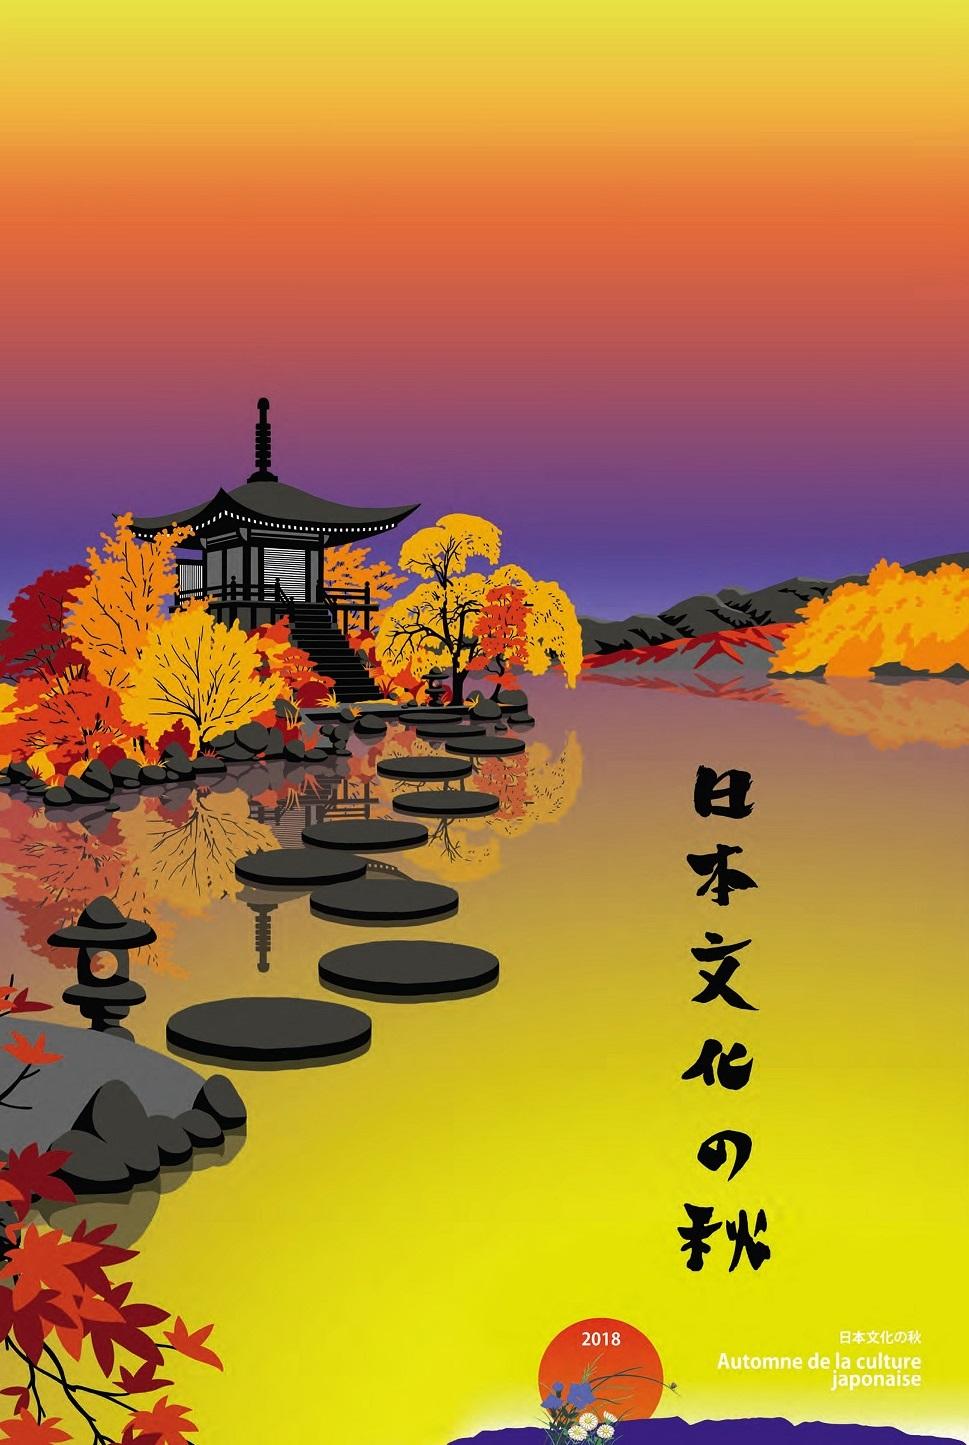 Programme de l'Automne de la Culture Japonaise 2018!